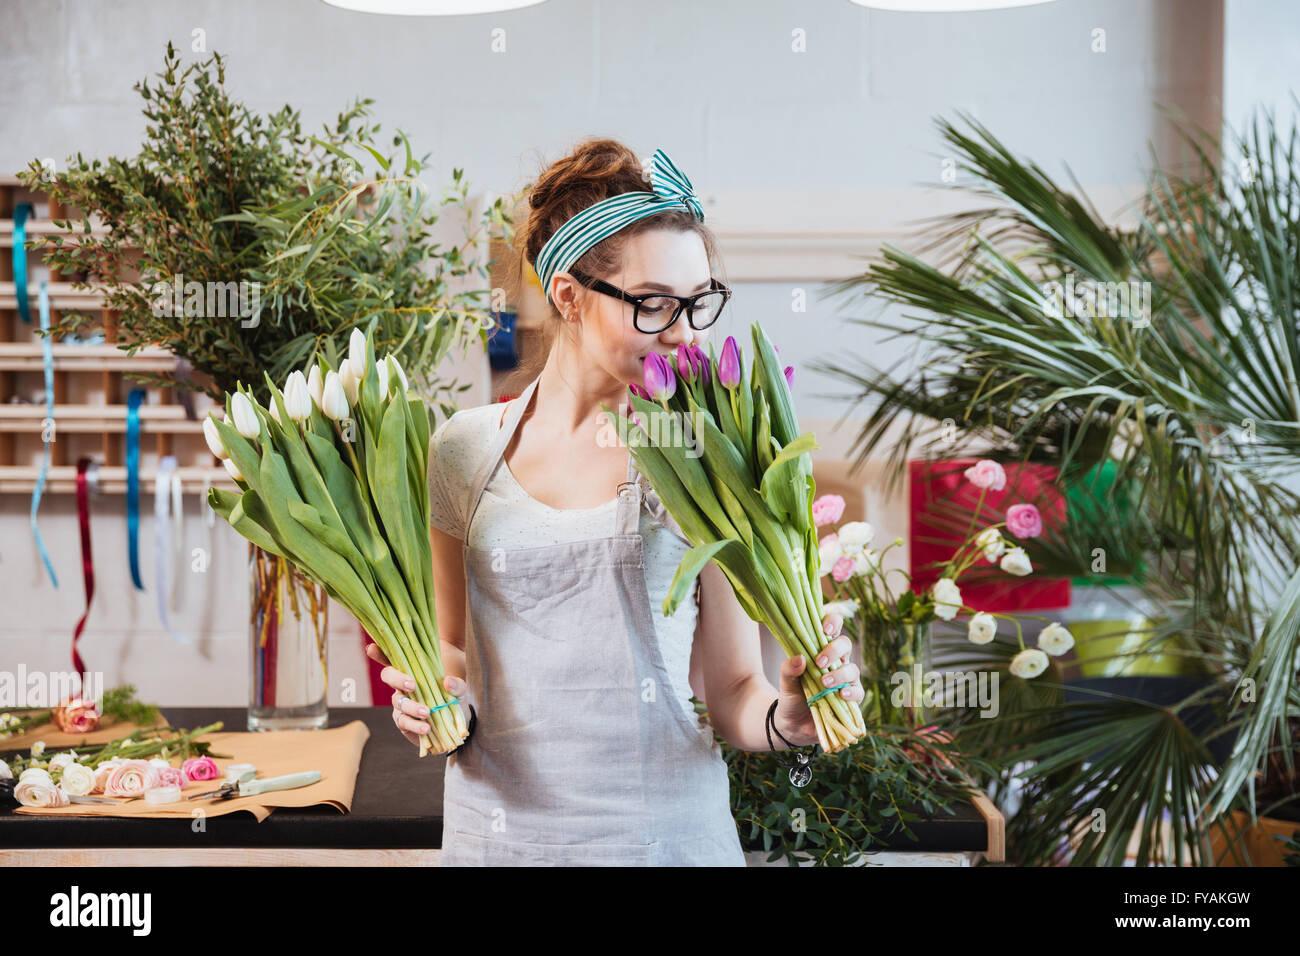 Heureux jolie jeune femme florist holding et de tulipes dans le magasin de fleurs odorantes Photo Stock